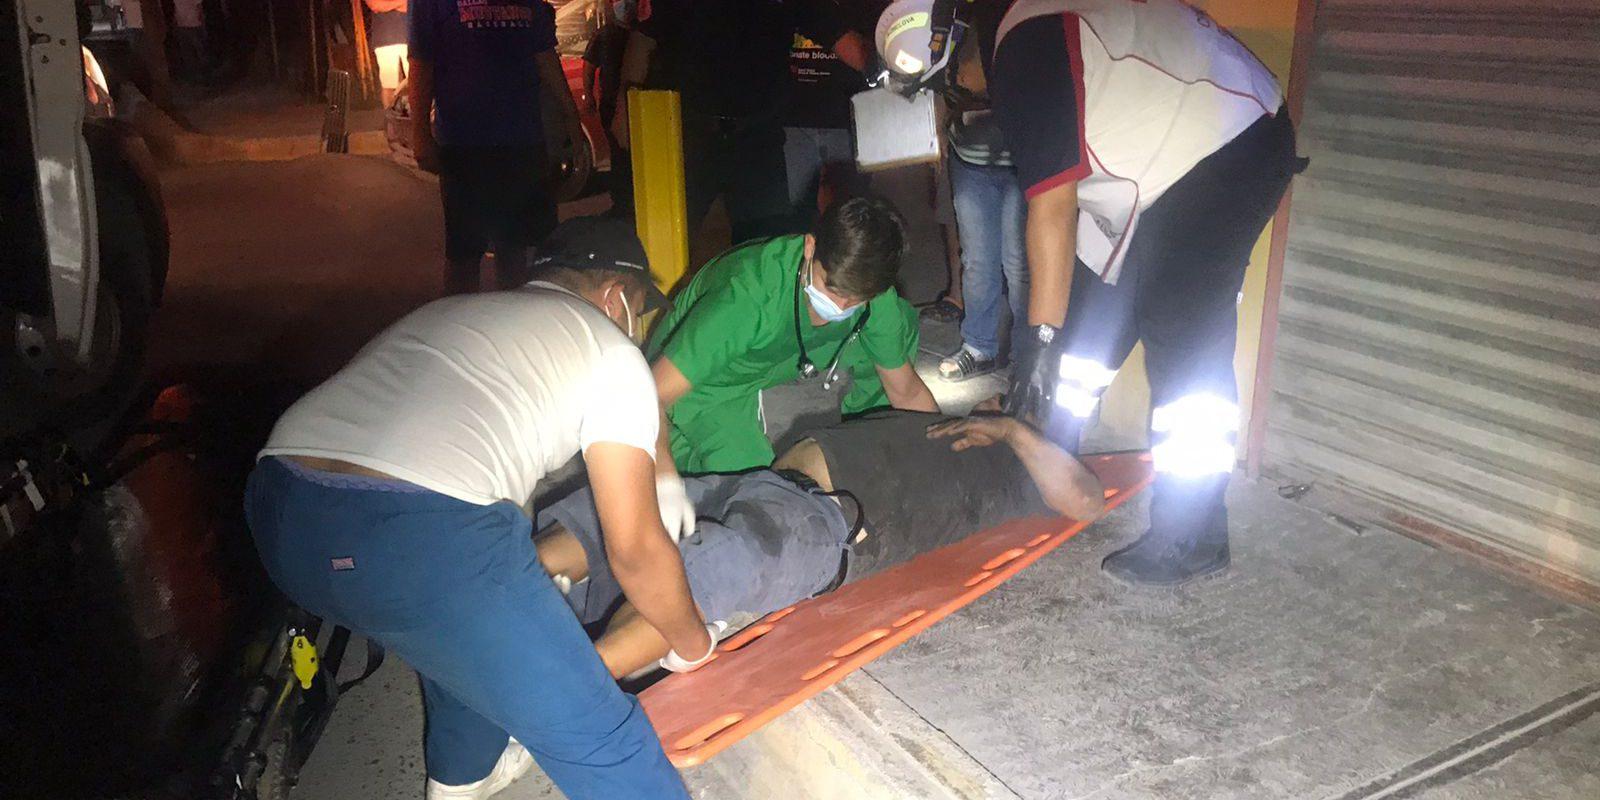 POLICIACA: Muere al ser trasladado a un hospital tras protagonizar triple choque en Monclova